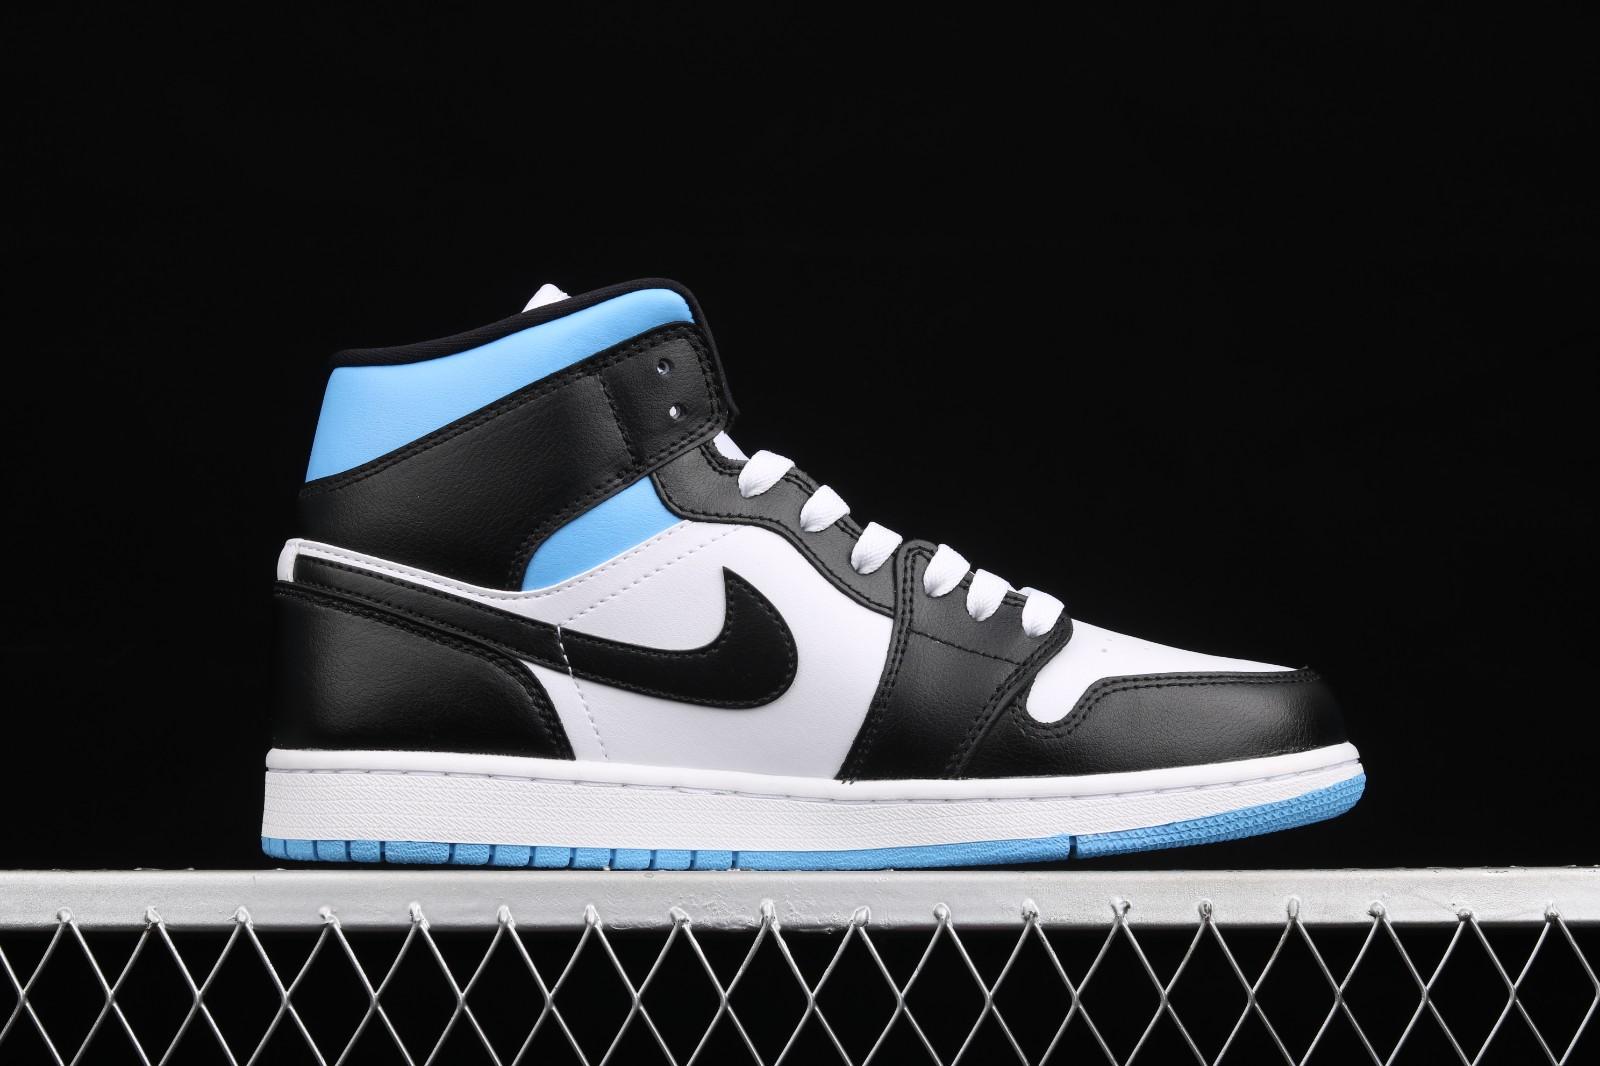 Wmns Air Jordan 1 Mid 'University Blue'